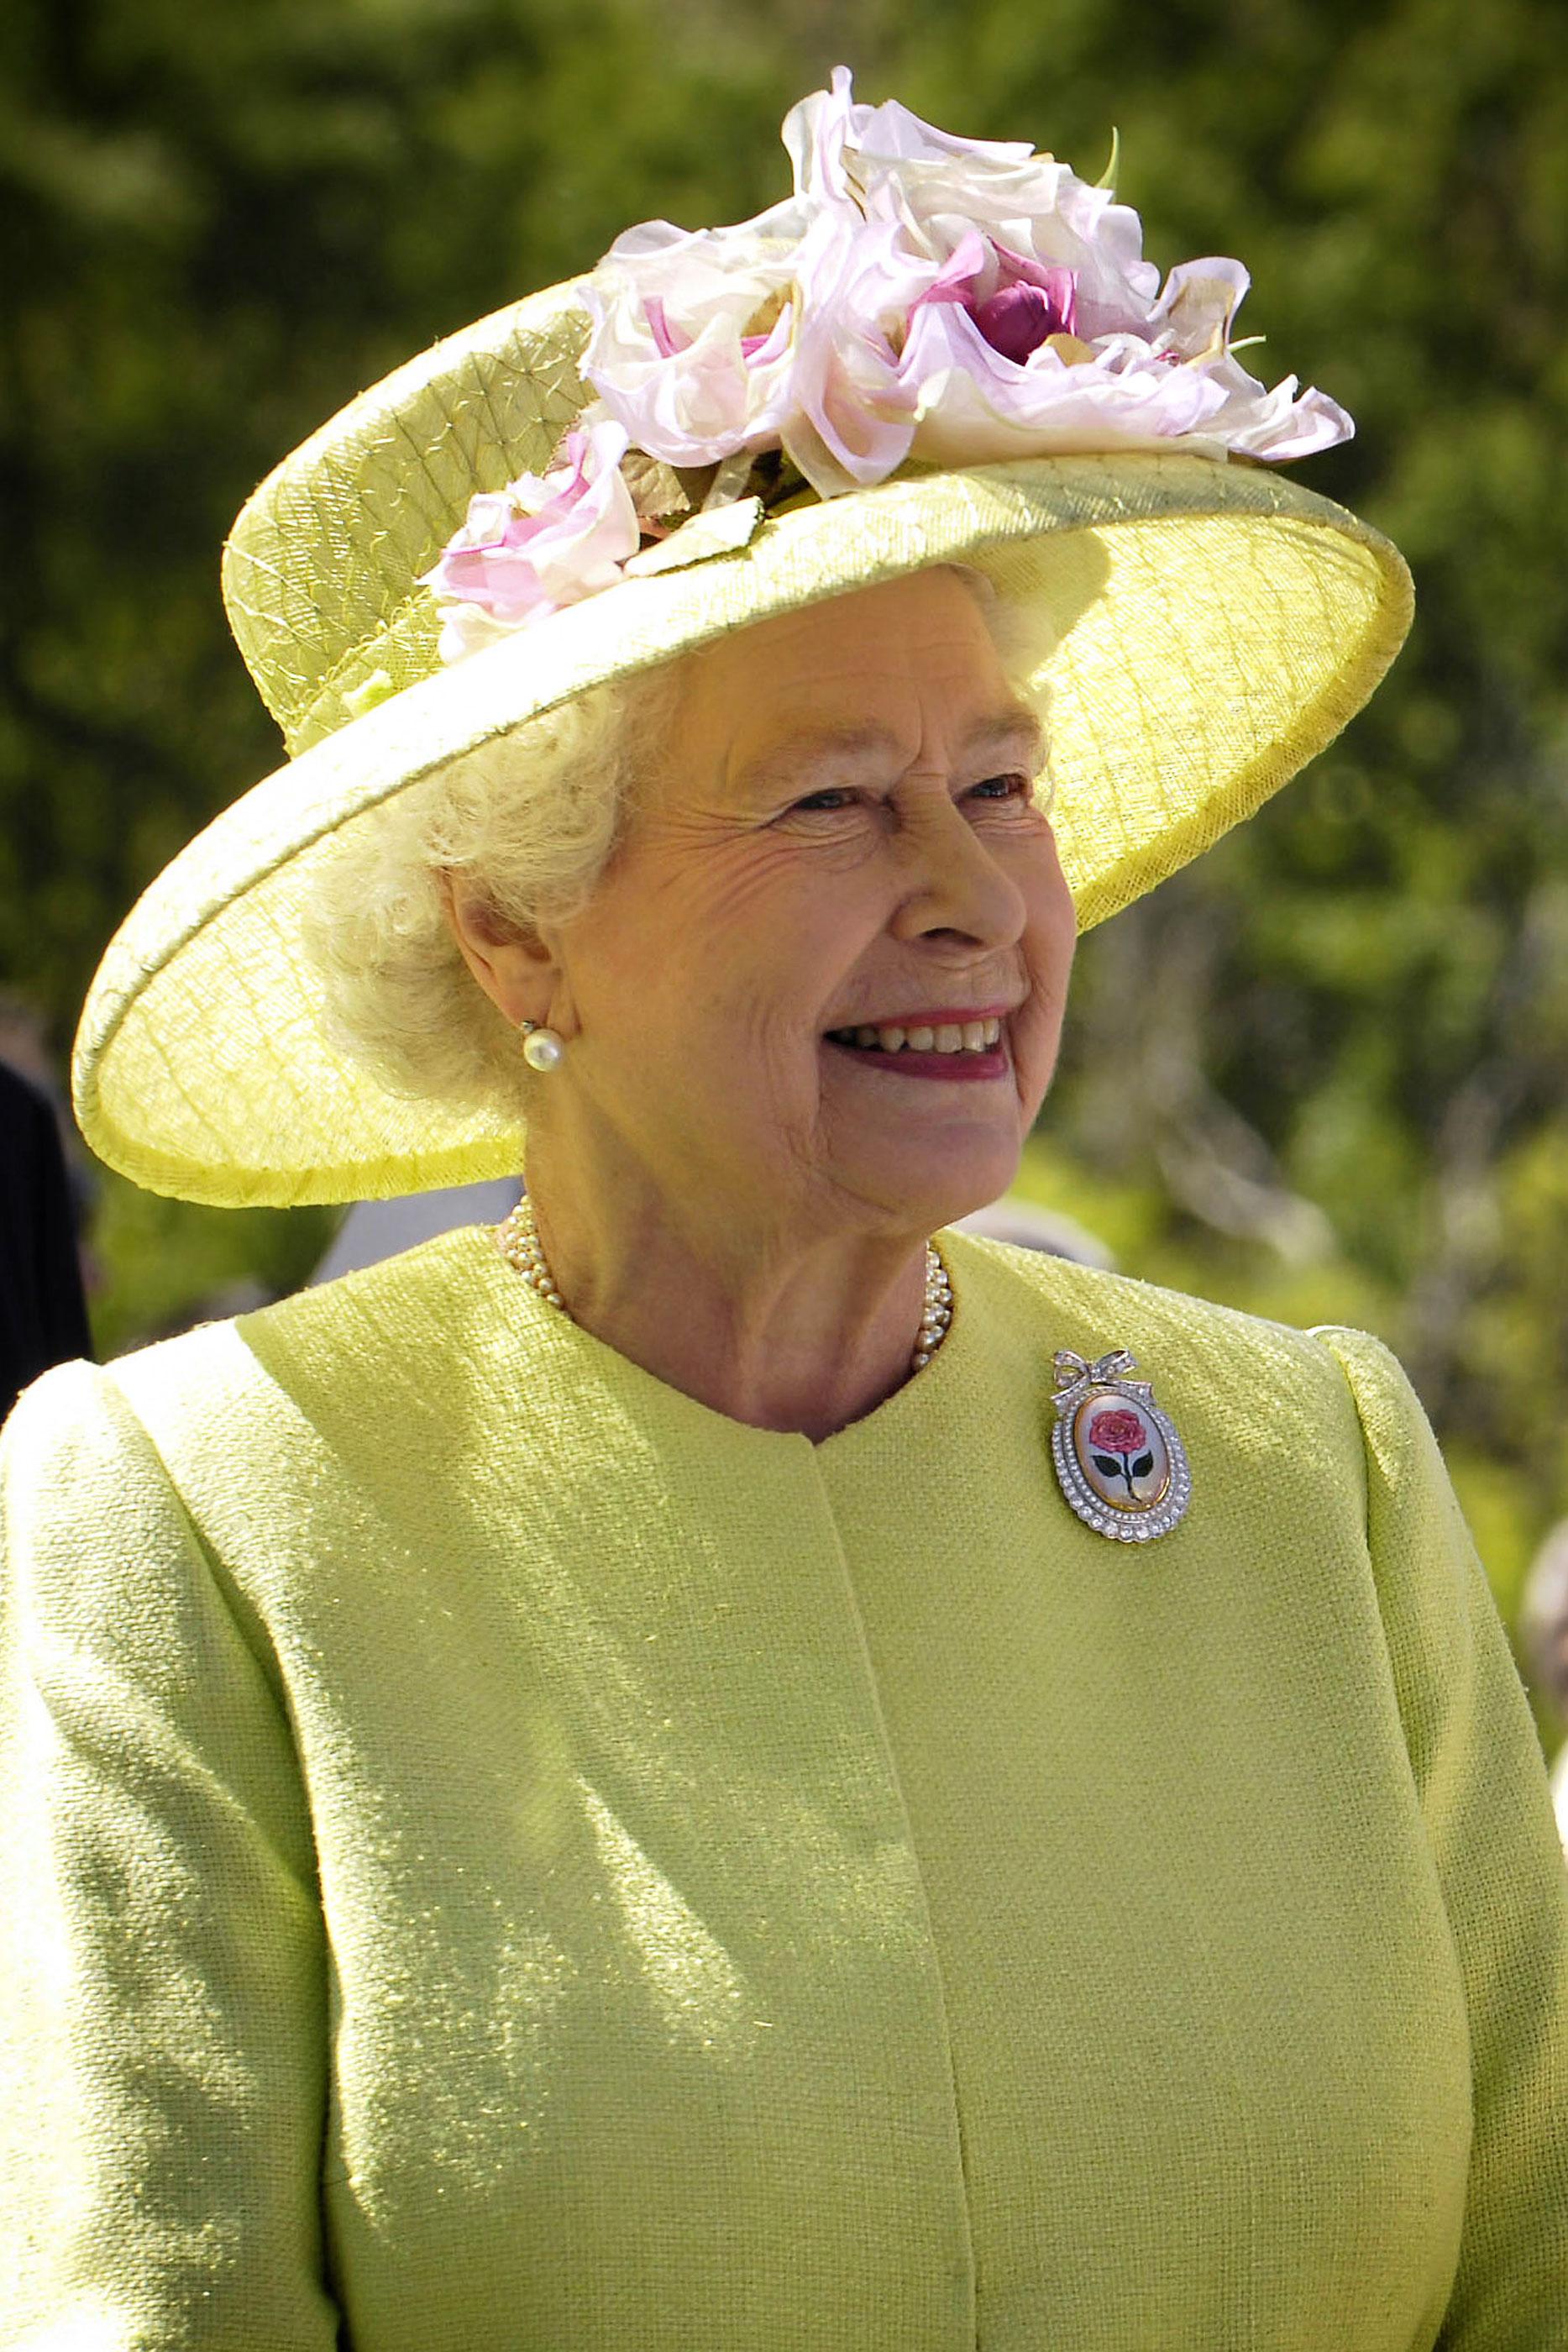 Rainha Isabel II com um vestido verde e um chapéu da mesma cor, com um pormenor dumas rosas na pala.